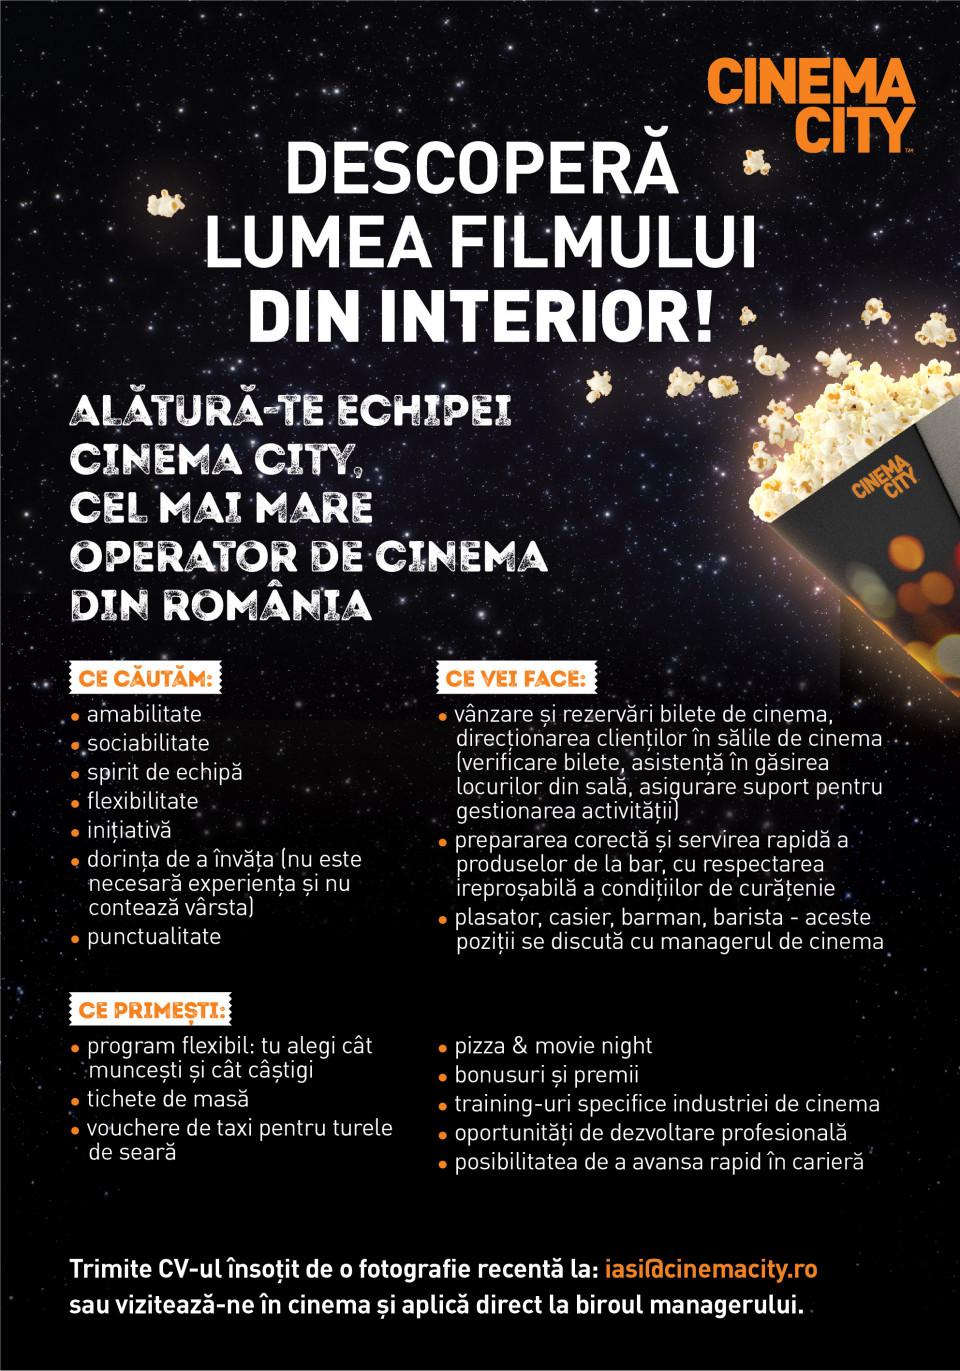 DESCOPERĂ LUMEA FILMULUI DIN INTERIOR!  Alătură-te echipei Cinema City, cel mai mare operator de cinema din România.  Cum ne dorim sa fie noul nostru coleg:  Cu atitudine pozitivă Dornic să învețe (nu este necesară experiența și nu contează vârsta) Punctual Cu bune abilități de comunicare și relaționare Amabil Să îi placă să lucreze în echipă Determinat Cu inițiativă Căutăm colegi care să descopere cu entuziasm lumea filmului din interior pentru următoarele roluri  Barman / Barista / Casier / Plasator  În funcție de rolul potrivit pentru tine, responsabilitățile generale ar putea fi:  - vânzarea de bilete și rezervări bilete de cinema, direcționarea clienților în cinema (verificare bilete, asistență în găsirea locurilor din sală, asigurare suport pentru gestionarea activității);  - preparea corectă și servirea rapidă a produselor de la bar sau cafenea, cu respectarea ireproșabilă a condițiilor de curățenie;  - întâmpinarea clienților și oferirea informațiilor corecte despre produsele noastre;  Barman / Barista / Casier / Plasator – aceste poziții se discută în cadrul interviului.  Ce îți garantăm:  - Program flexibil (tu alegi cât muncești și cât câștigi) - Tichete de masa - Pizza & Movie night - Bonusuri și premii - Training-uri specifice industriei de cinema - Vouchere de taxi pentru turele de seară - Oportunități de dezvoltare profesională - Posibilitatea de a avansa rapid în carieră  Punem accent pe dezvoltarea oamenilor și ne dorim ca fiecare coleg să fie foarte bine pregătit profesional existând șanse de promovare. Dezvoltă și tu o carieră în industria de cinema!  Trimite CV-ul insotit de o fotografie recenta la: iasi@cinemacity.ro sau viziteaza-ne in cinema si aplica direct la biroul managerului.  Te așteptăm cu drag! Descoperă lumea filmului din interior!Alătură-te echipei Cinema City, cel mai mare operator de cinema din România, parte din Cineworld, al doilea mare lanț de cinematografe din lume!Ne dorim să fim cel mai bun loc unde se vizionează filmele și s